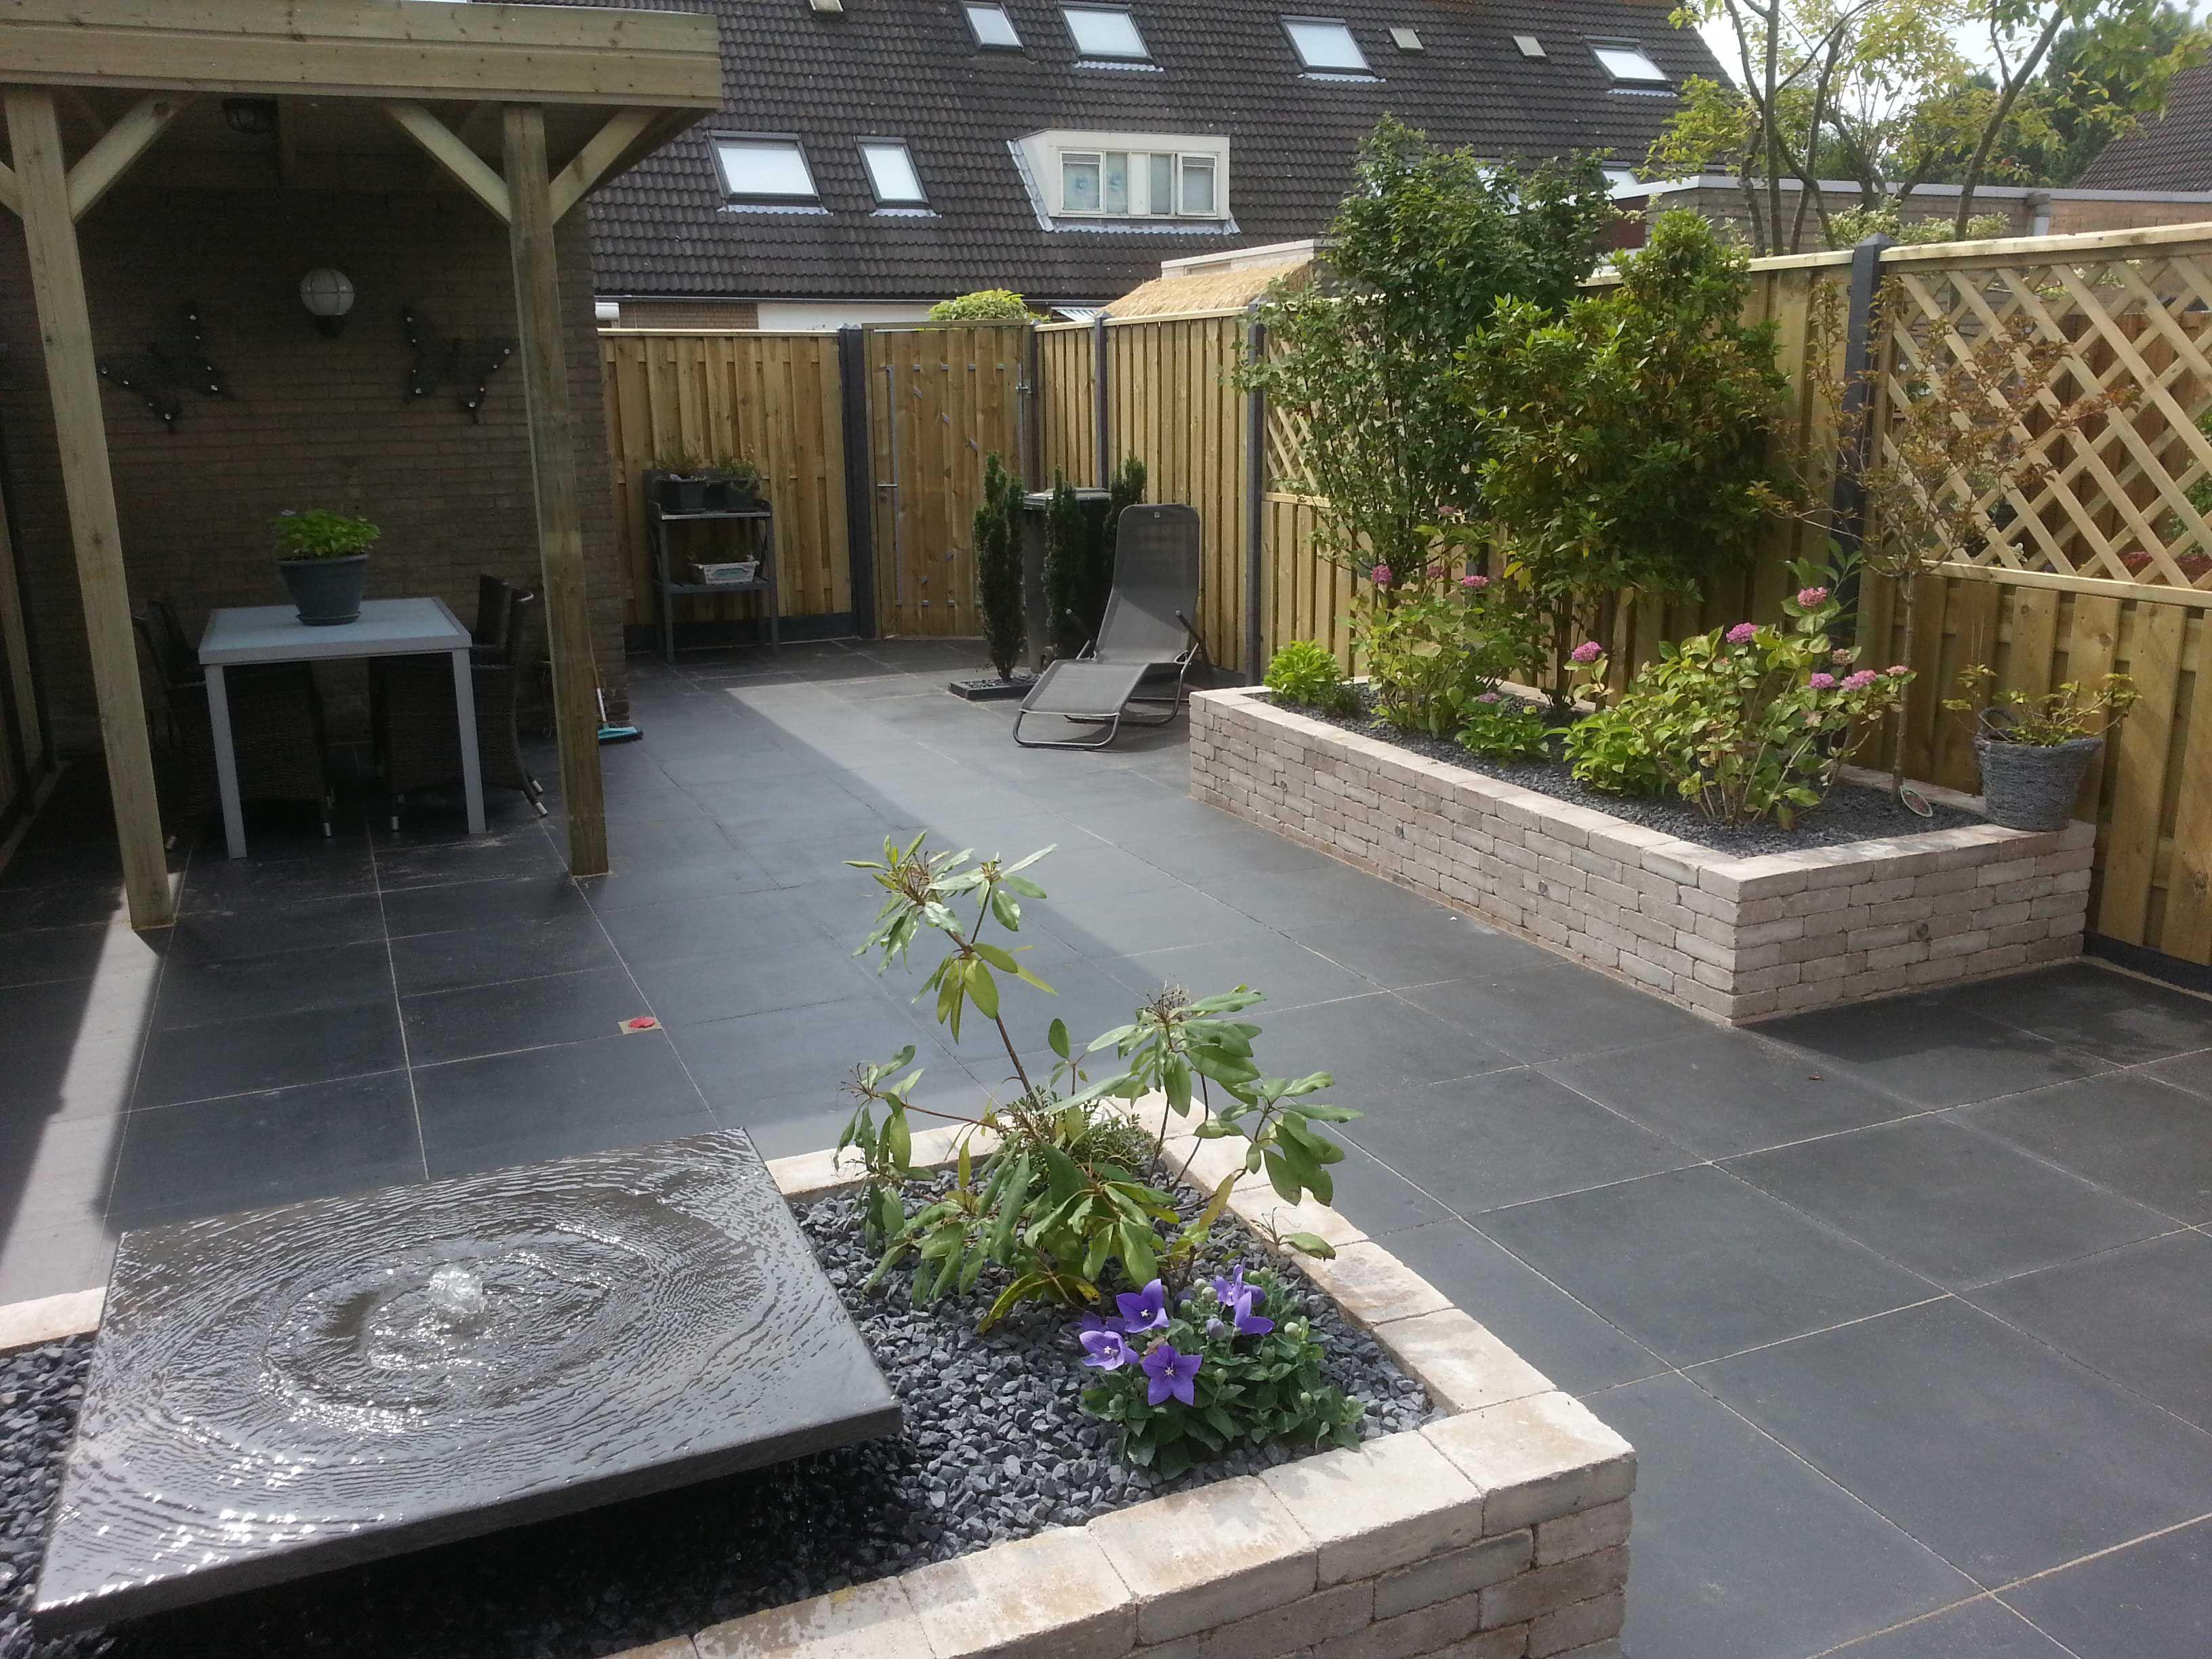 Voorbeeldtuinen Kleine Tuin : Voorbeeldtuinen kleine tuin google zoeken kindveilige watertuin